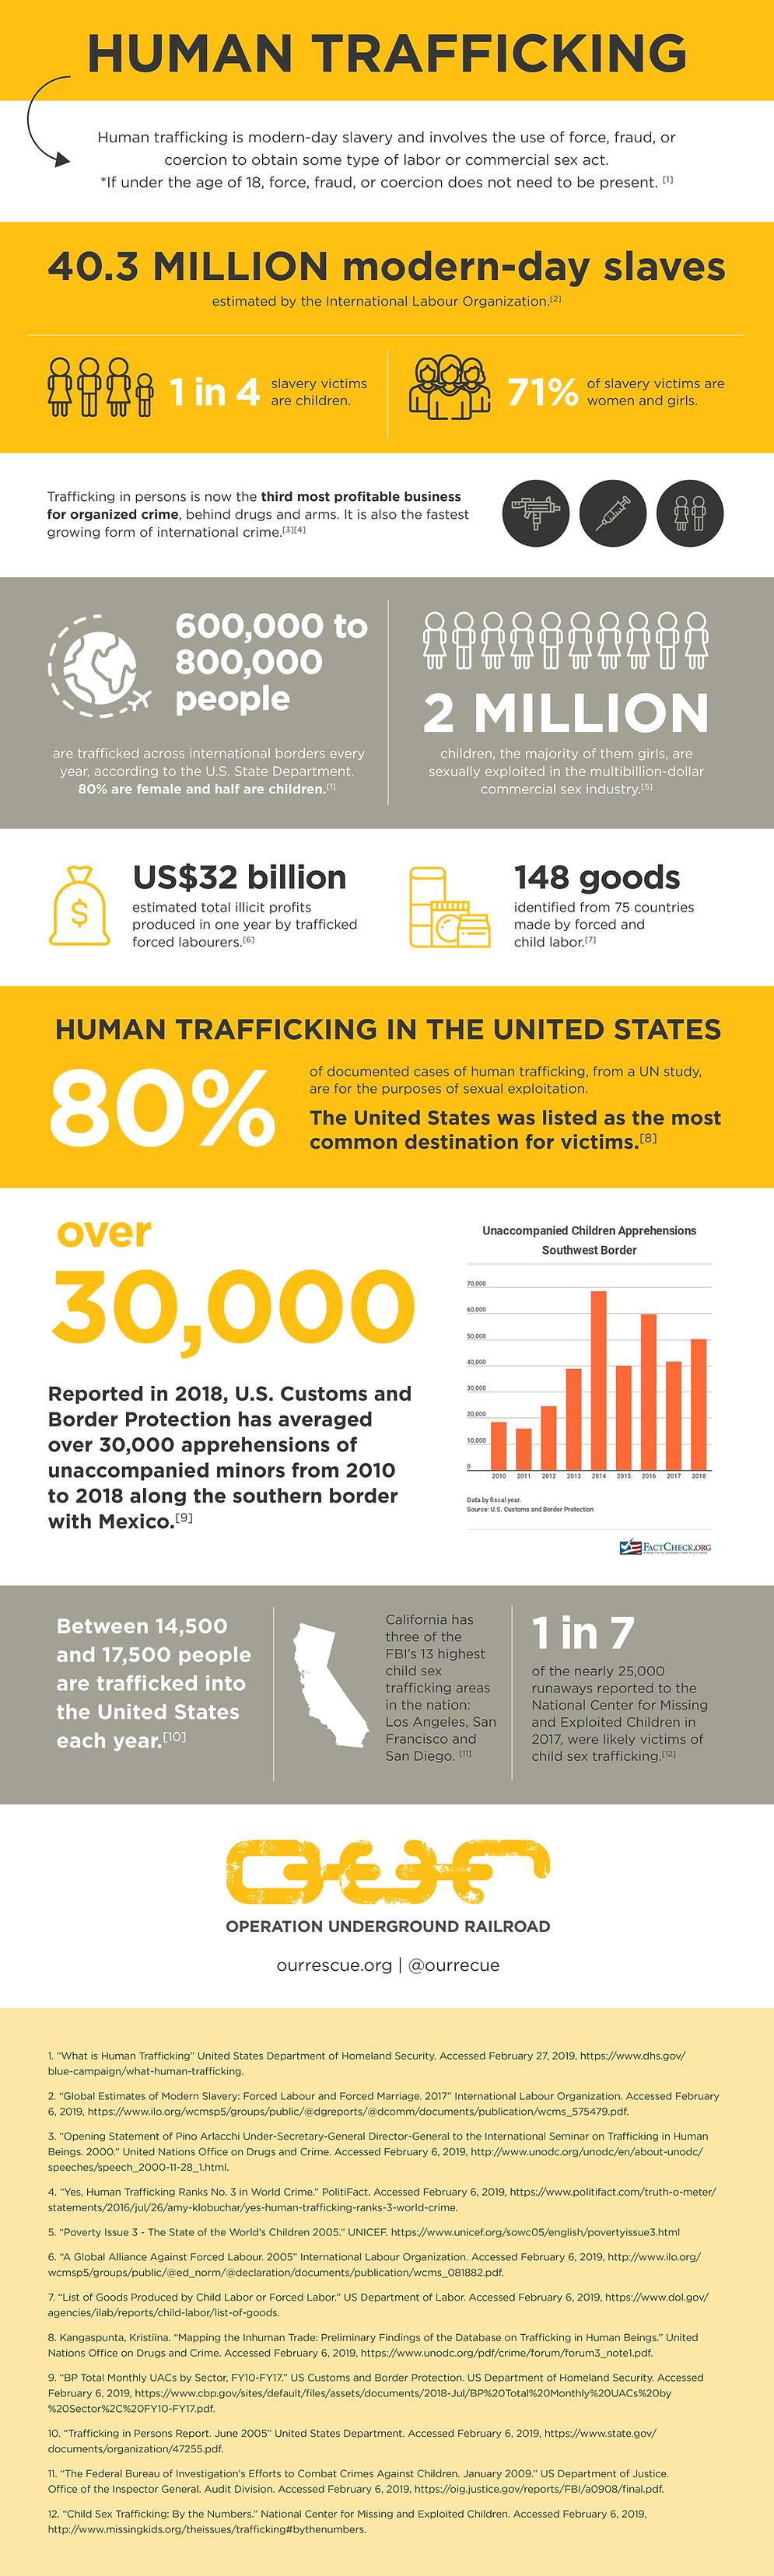 human trafficking.jpg